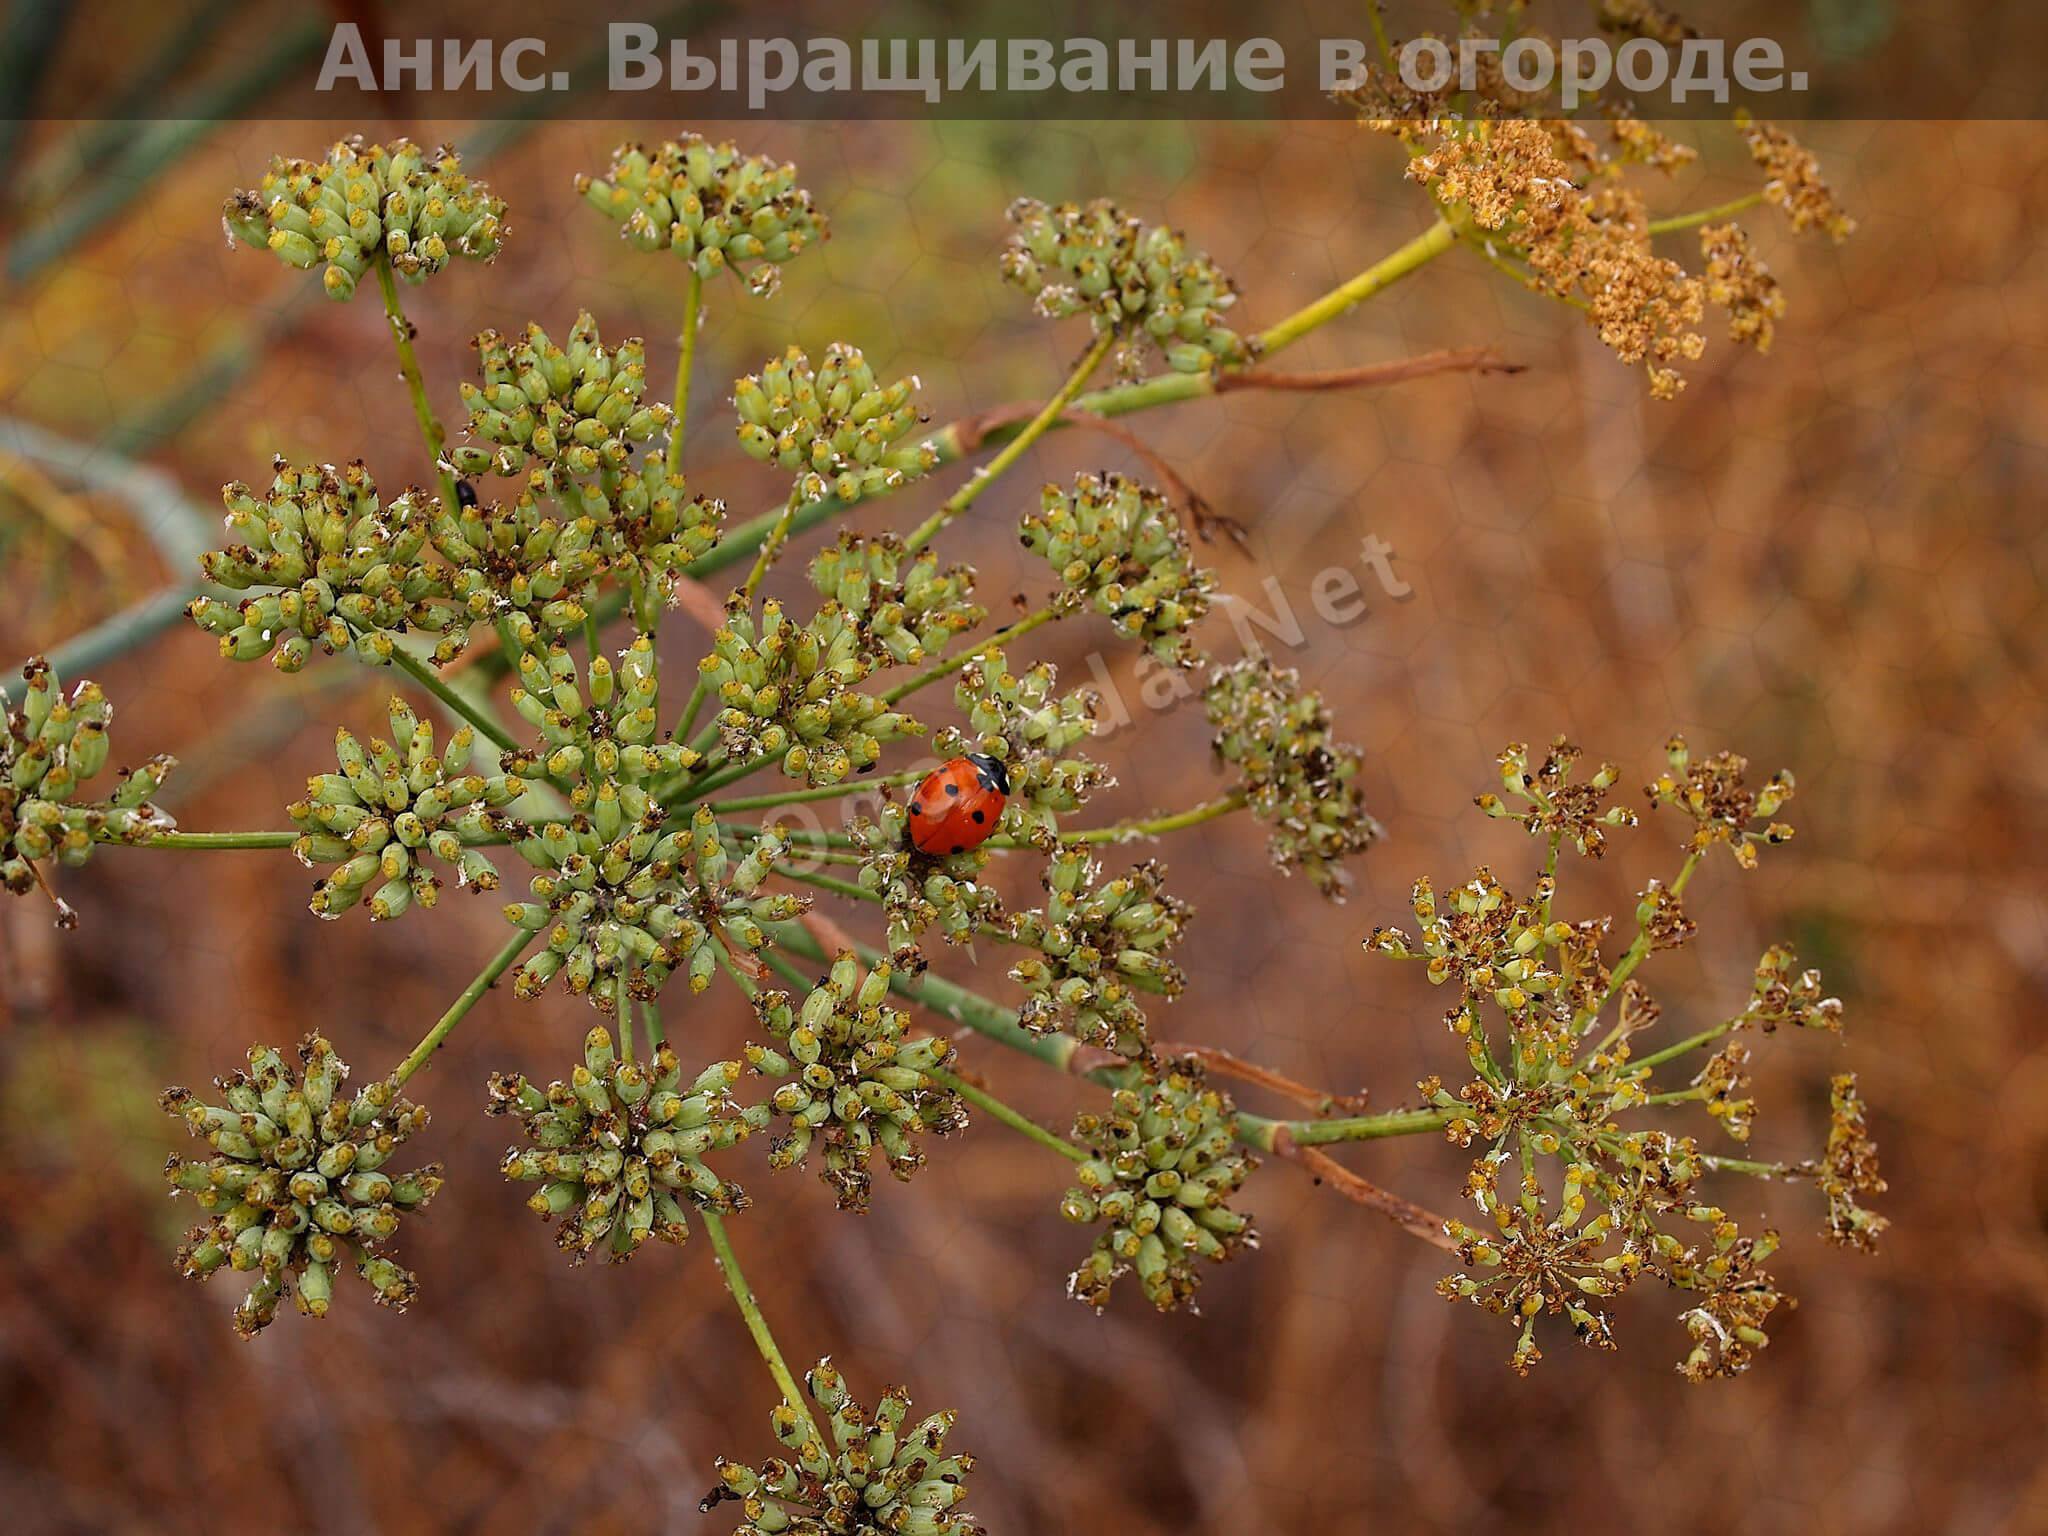 Какую зелень можно посадить в огороде: Анис